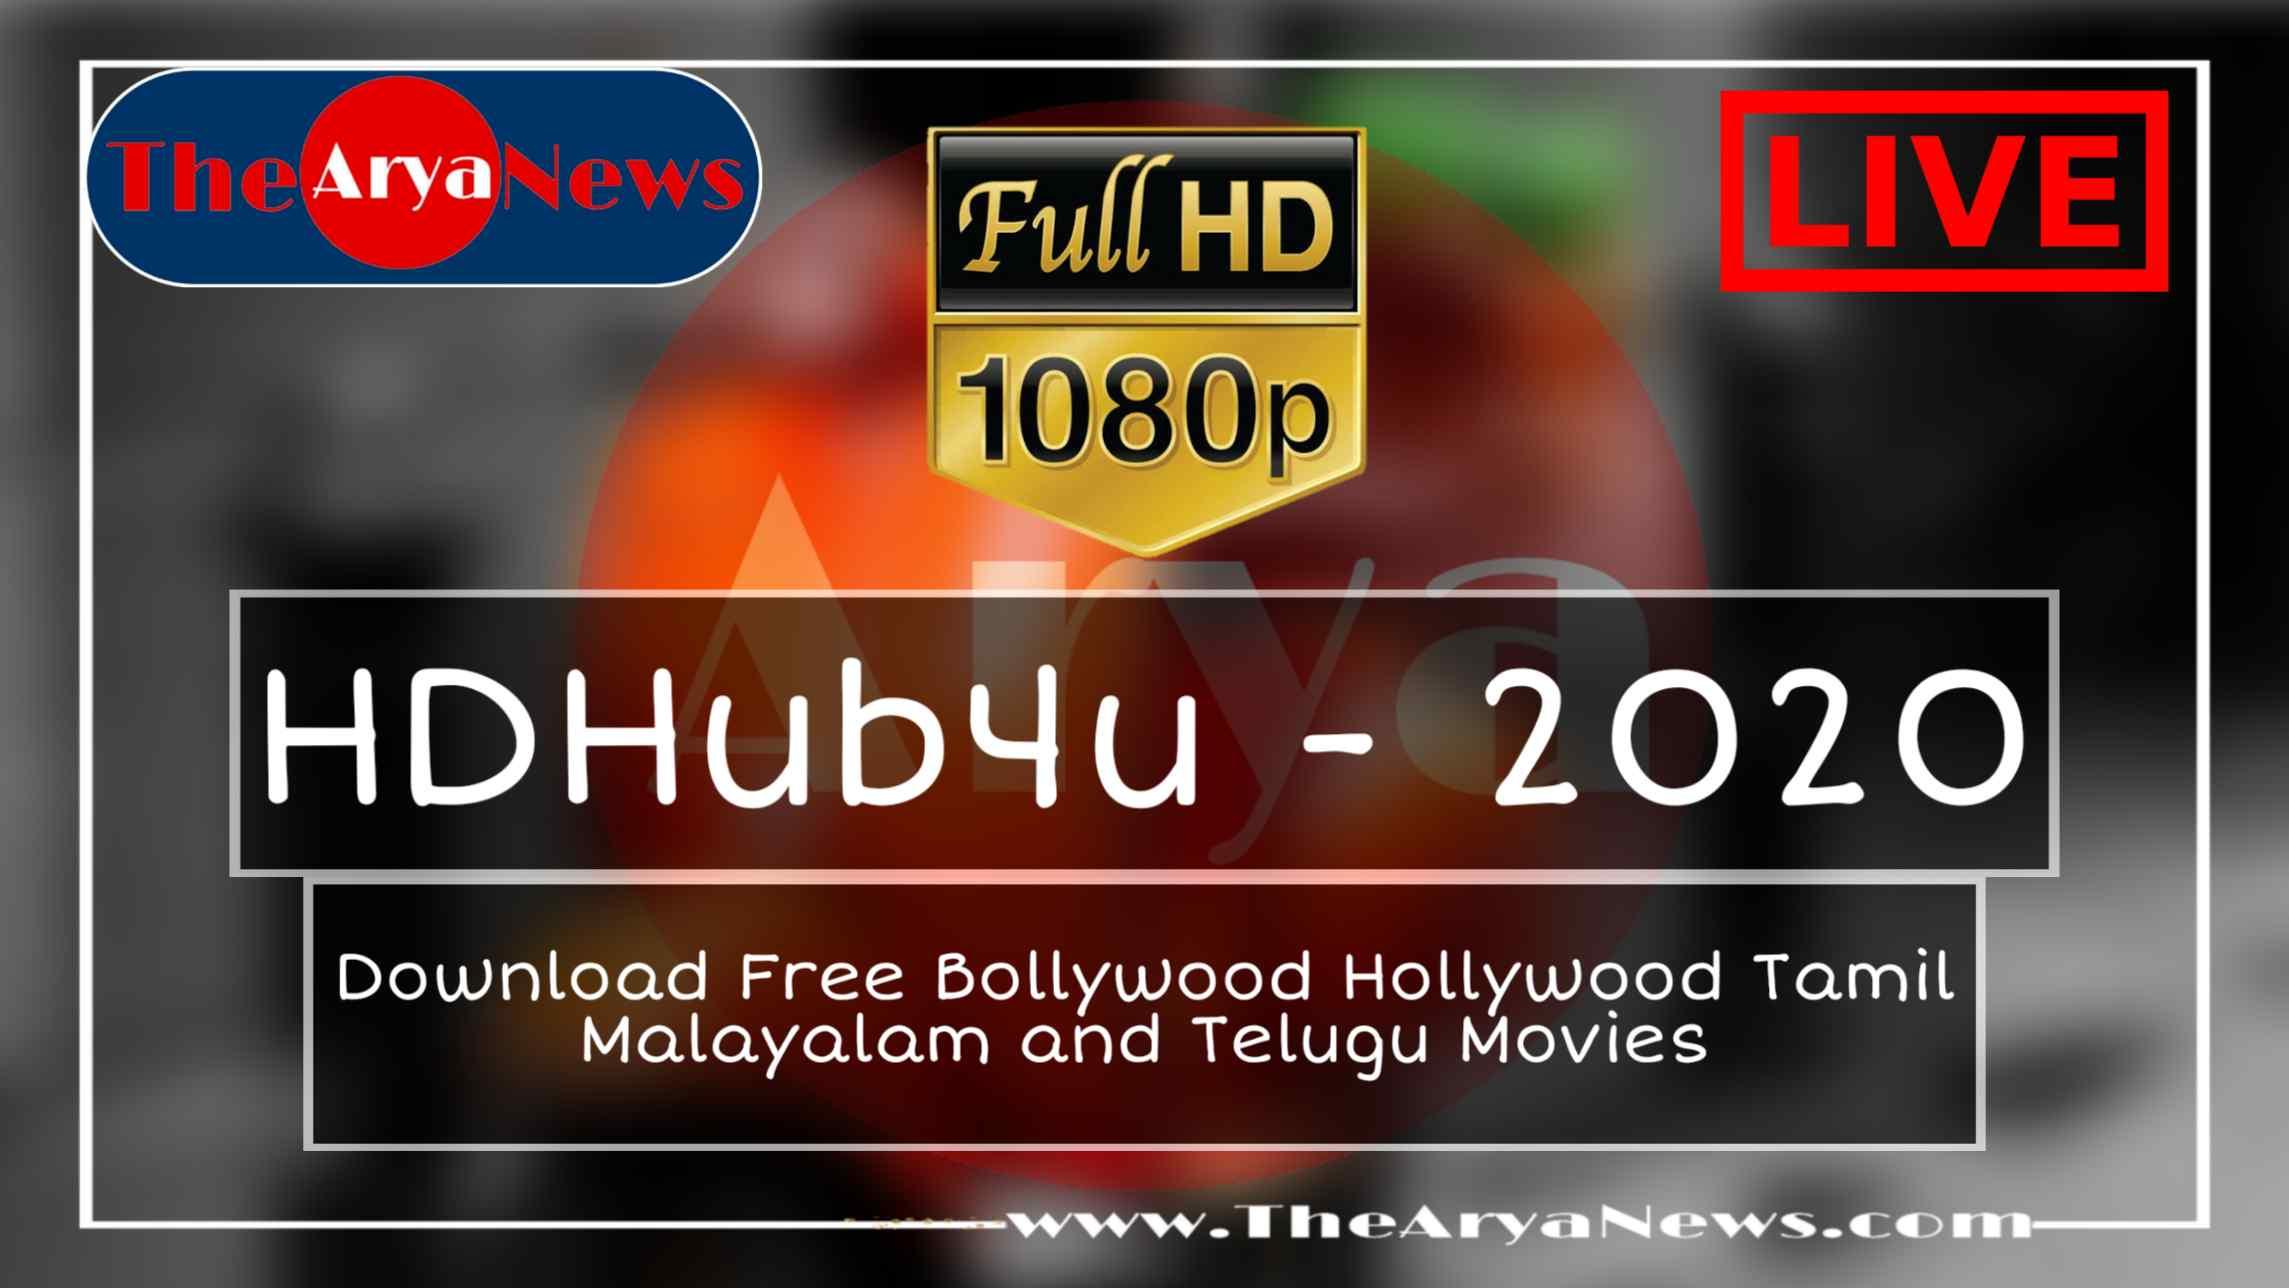 HDHub4u 2020 » Free Download All BollyWood, HollyWood Movies